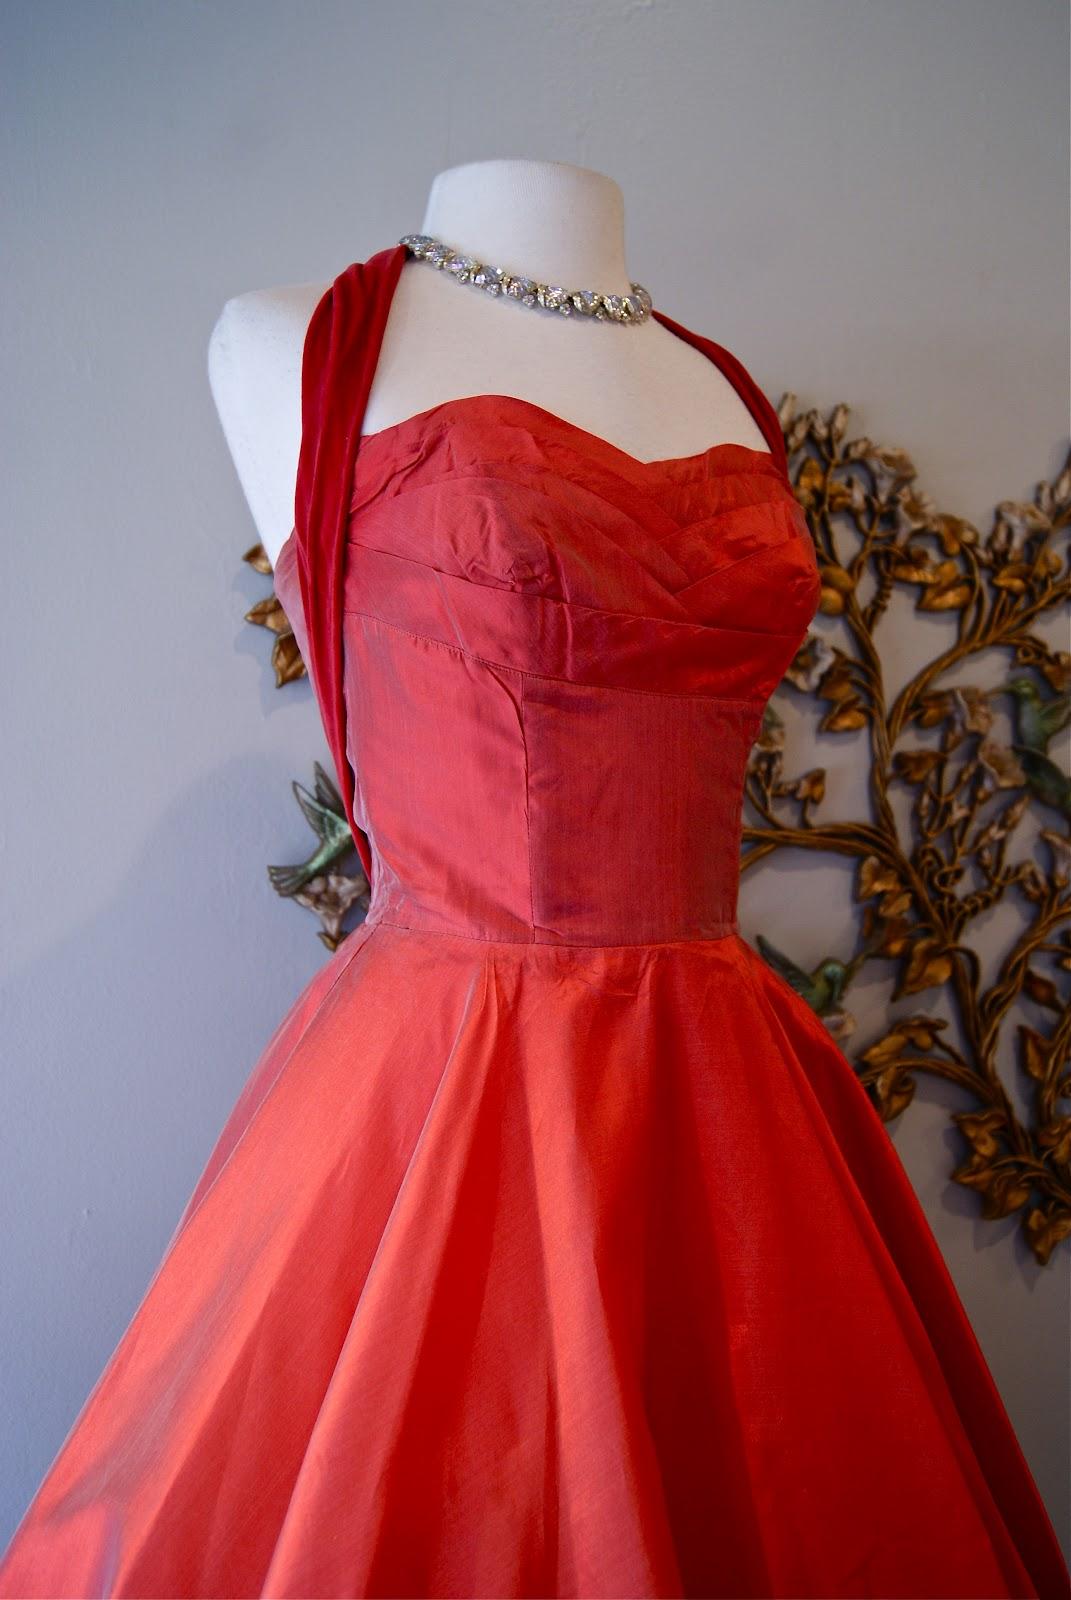 Xtabay Vintage Clothing Boutique Portland Oregon Queen